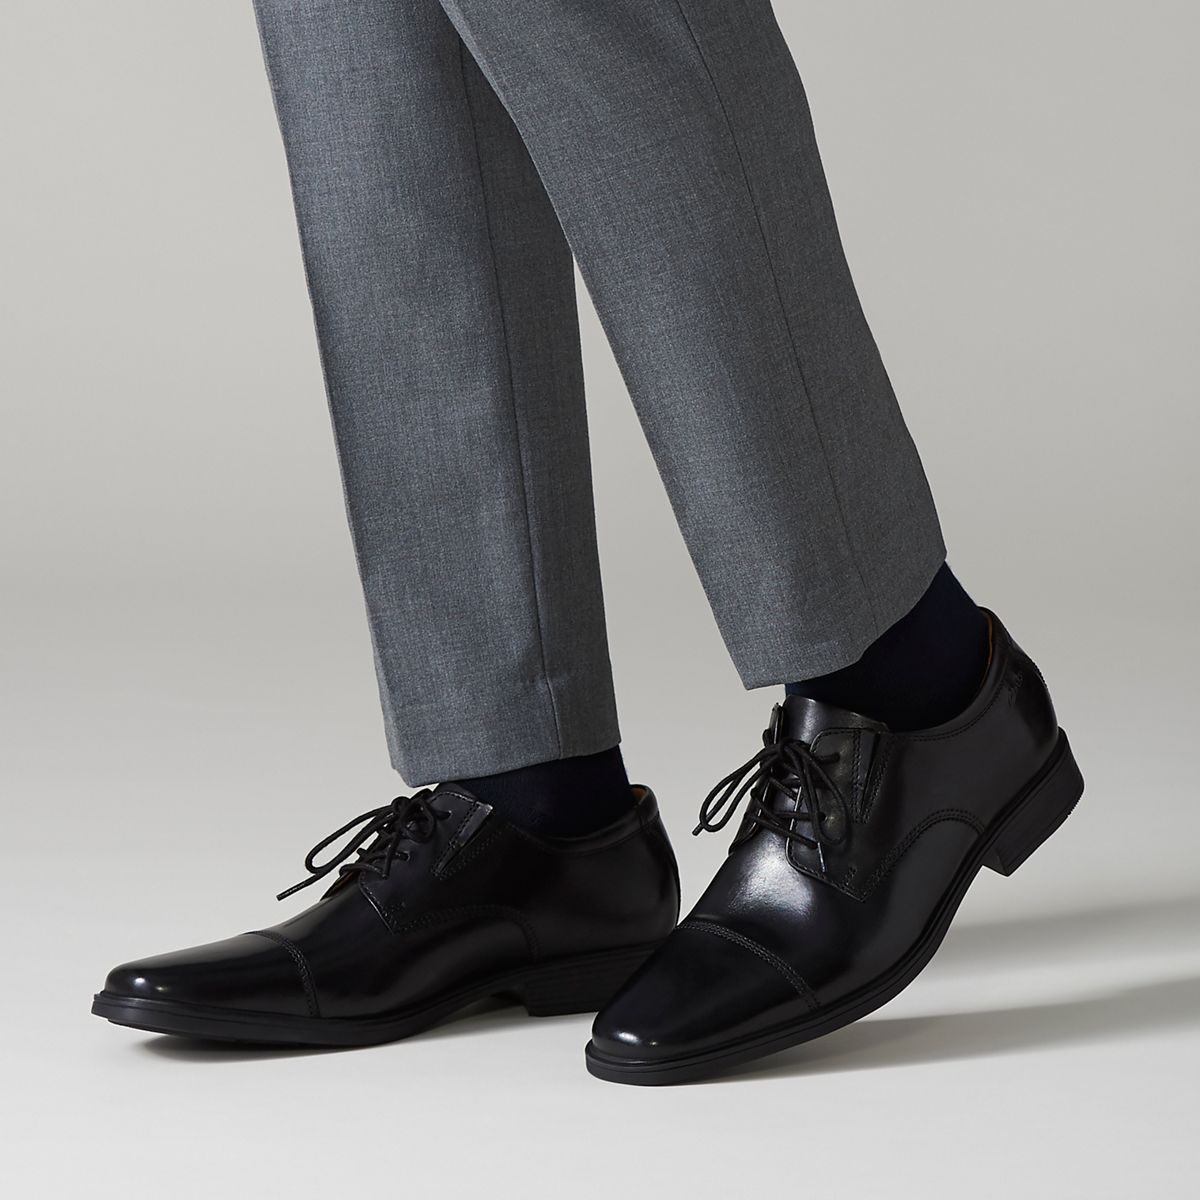 Tilden Cap Black - Clarks Canada Official Site | Clarks Shoes